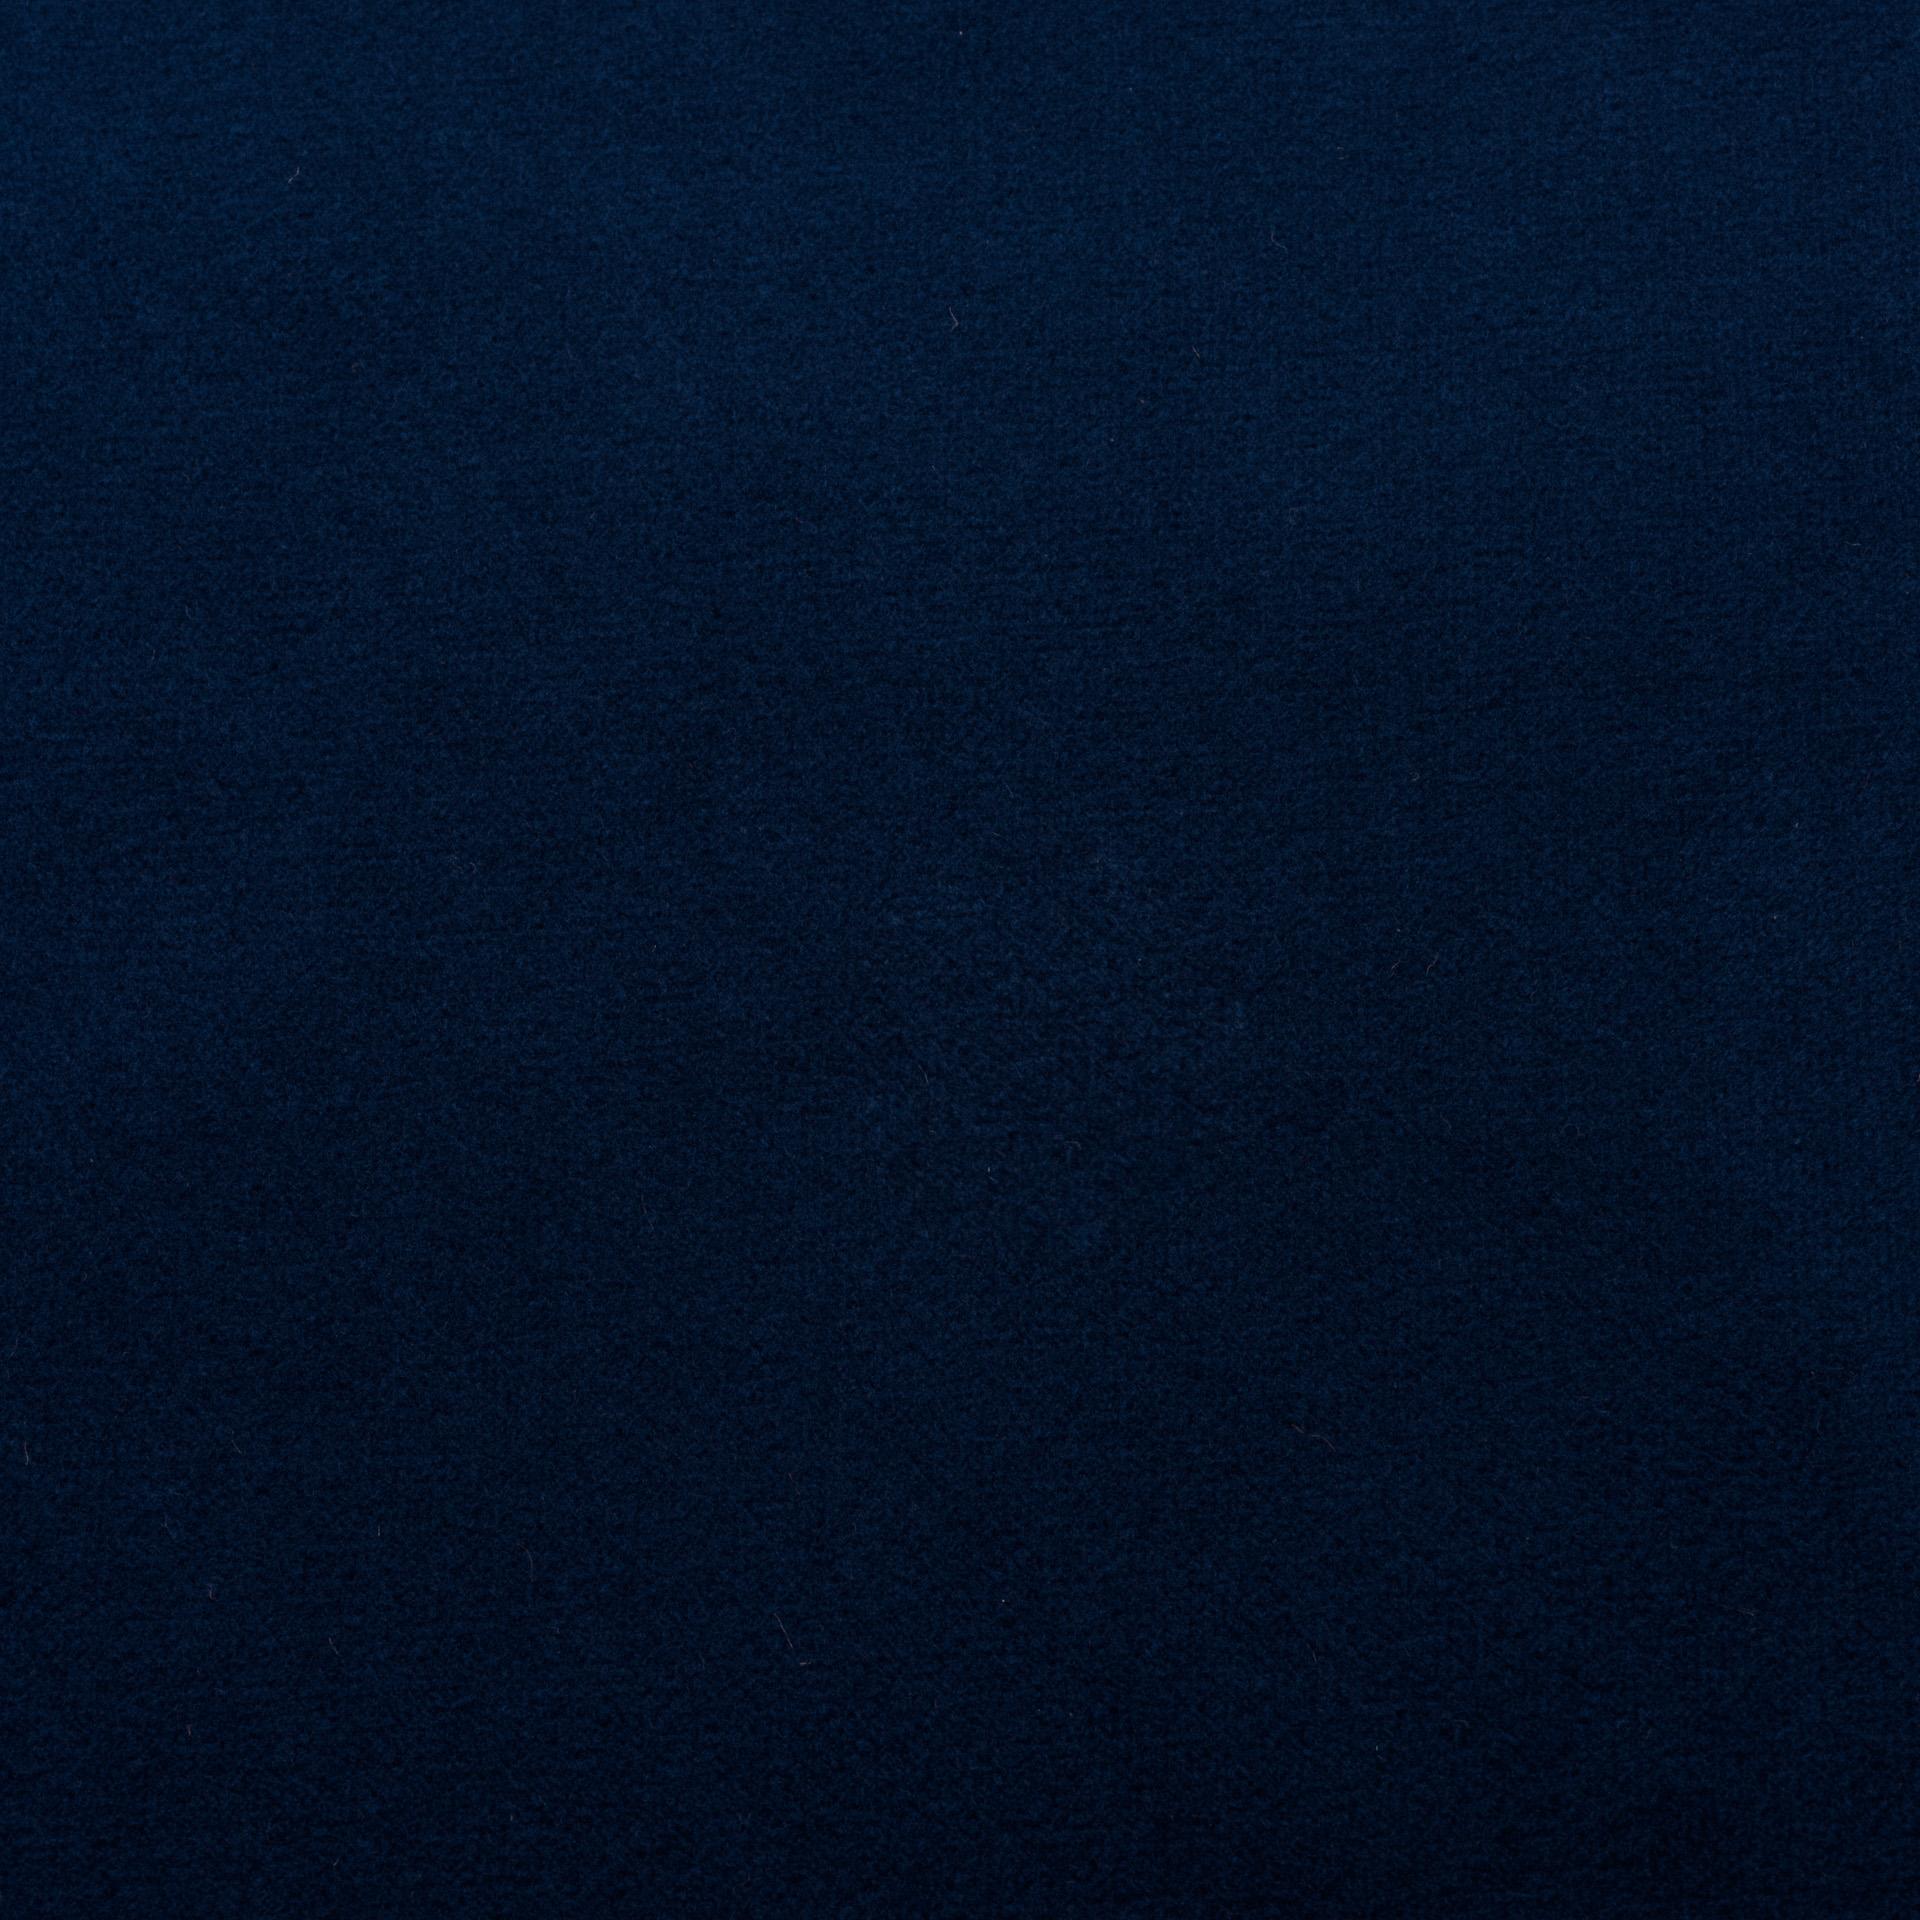 Коллекция ткани Багира 30 MONACO BLUE,  купить ткань Велюр для мебели Украина